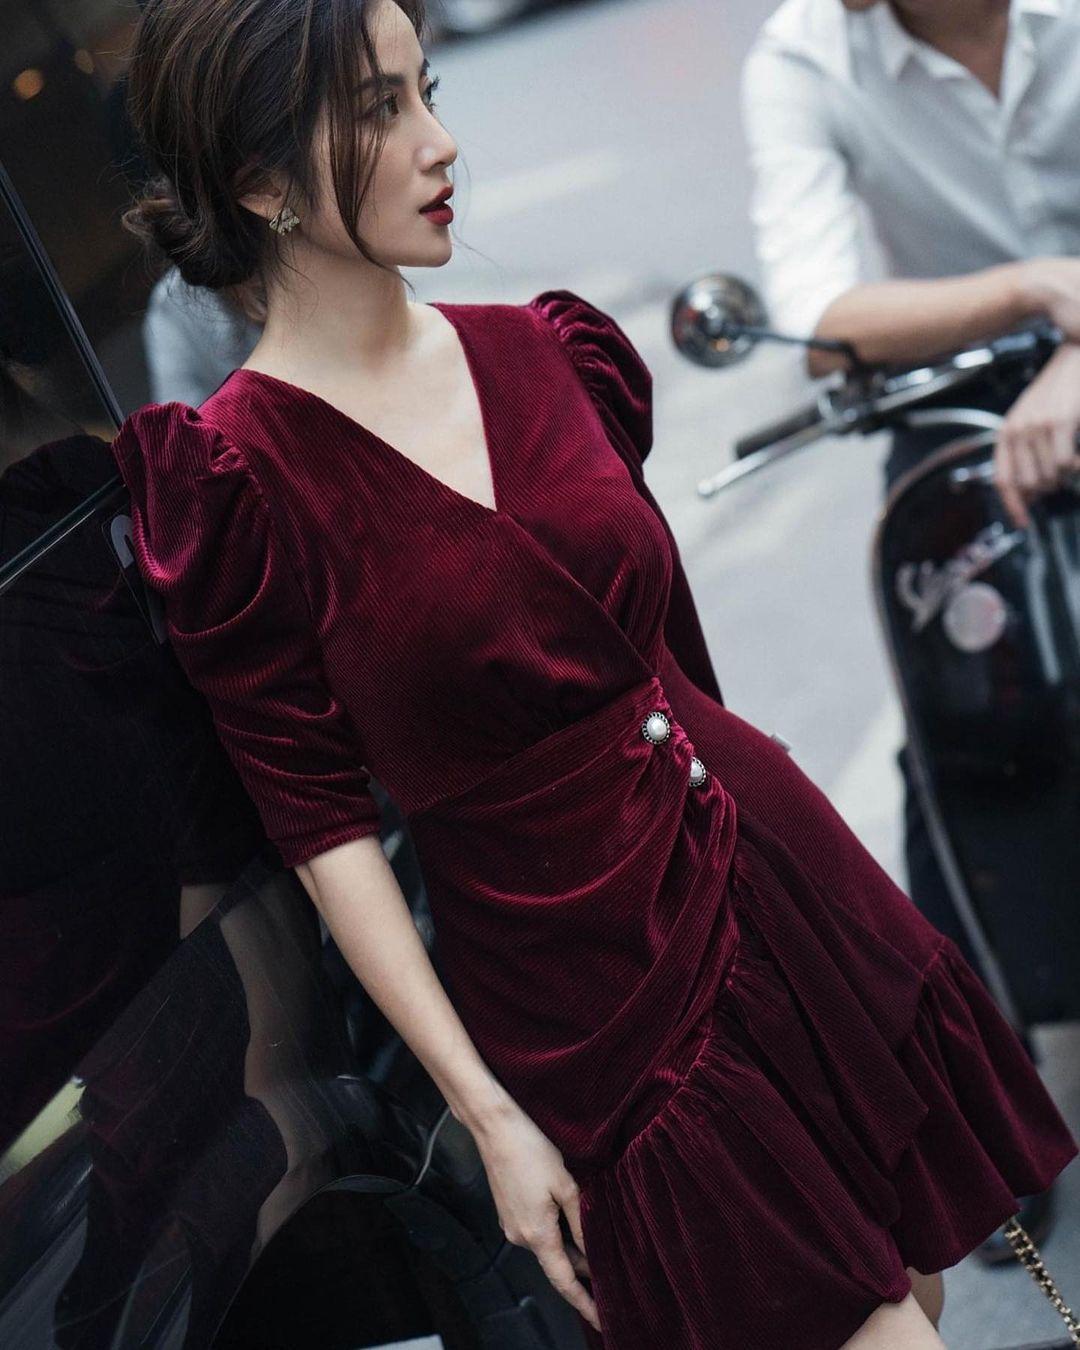 """10 mẫu váy đỏ rất sang chứ không hề chóe của các shop thời trang Việt, sắm ngay để năm mới """"đỏ thôi đen quên đi"""" - Ảnh 19."""